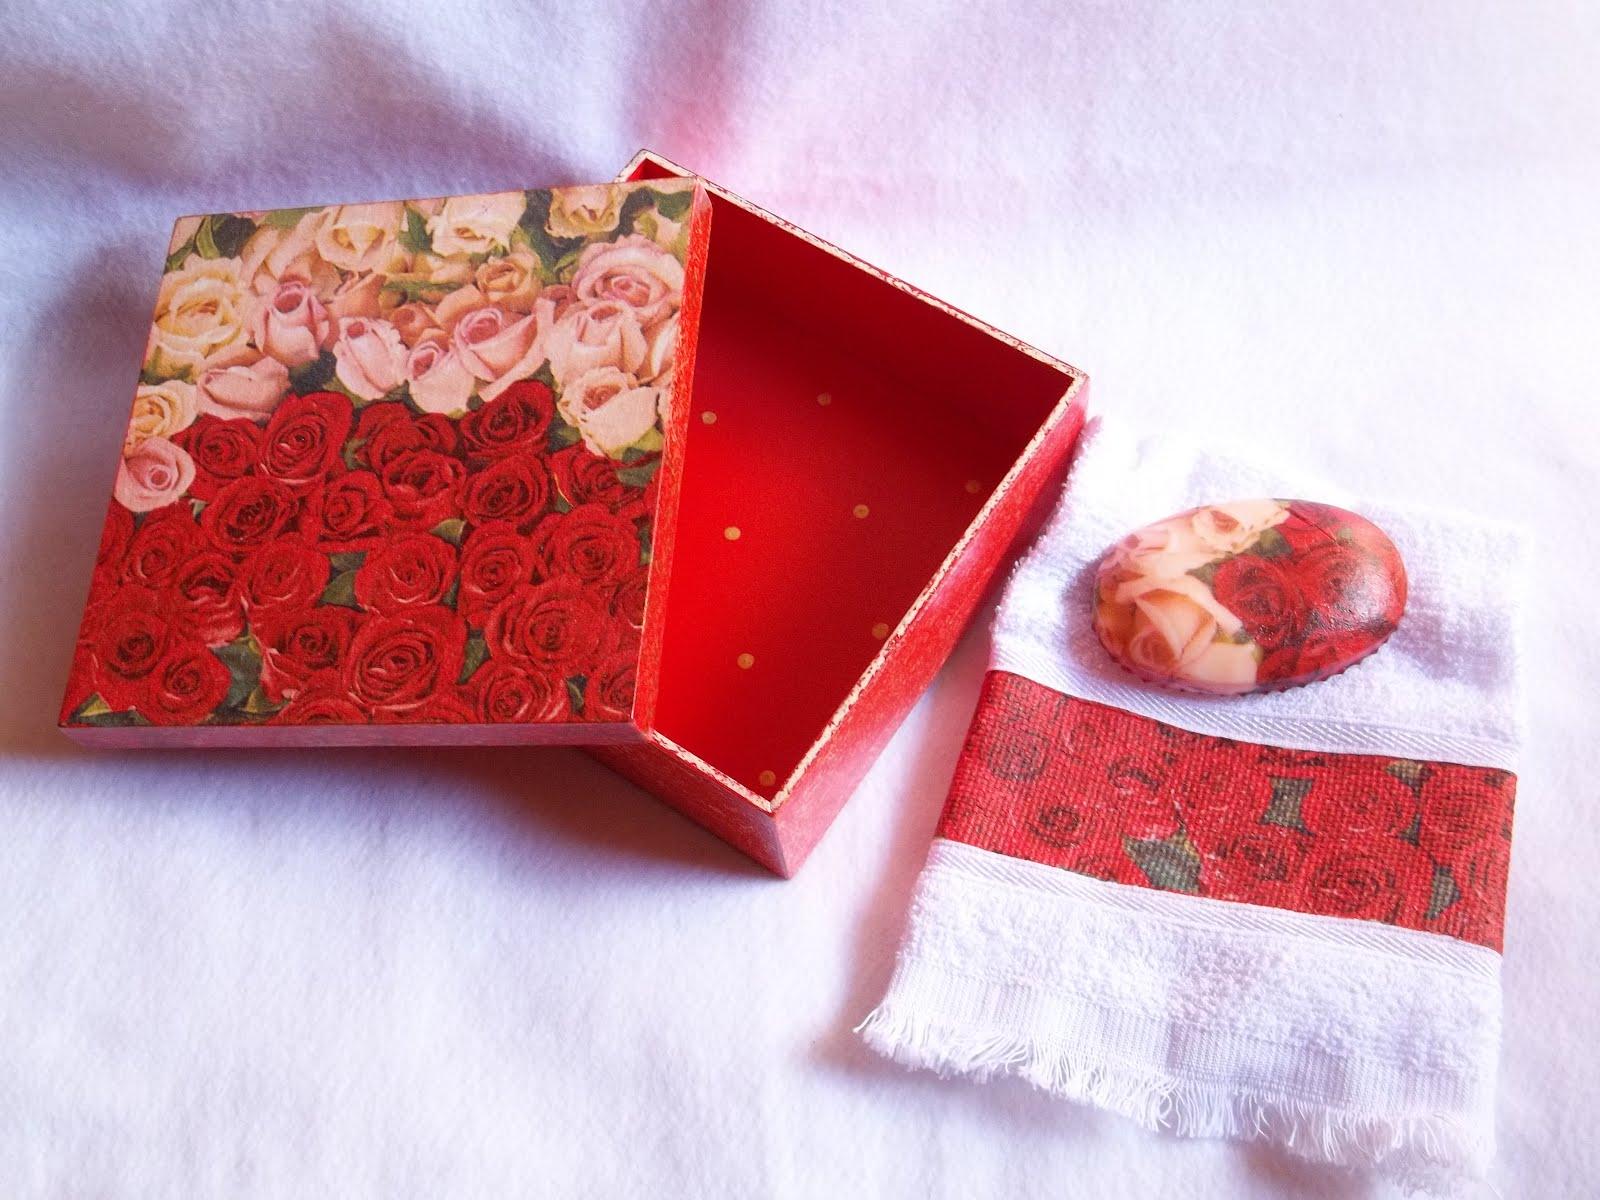 Caixa Kit em Mdf – Vermelha com Dourado « .::Vini e Kika.::.Blog  #AC1F25 1600x1200